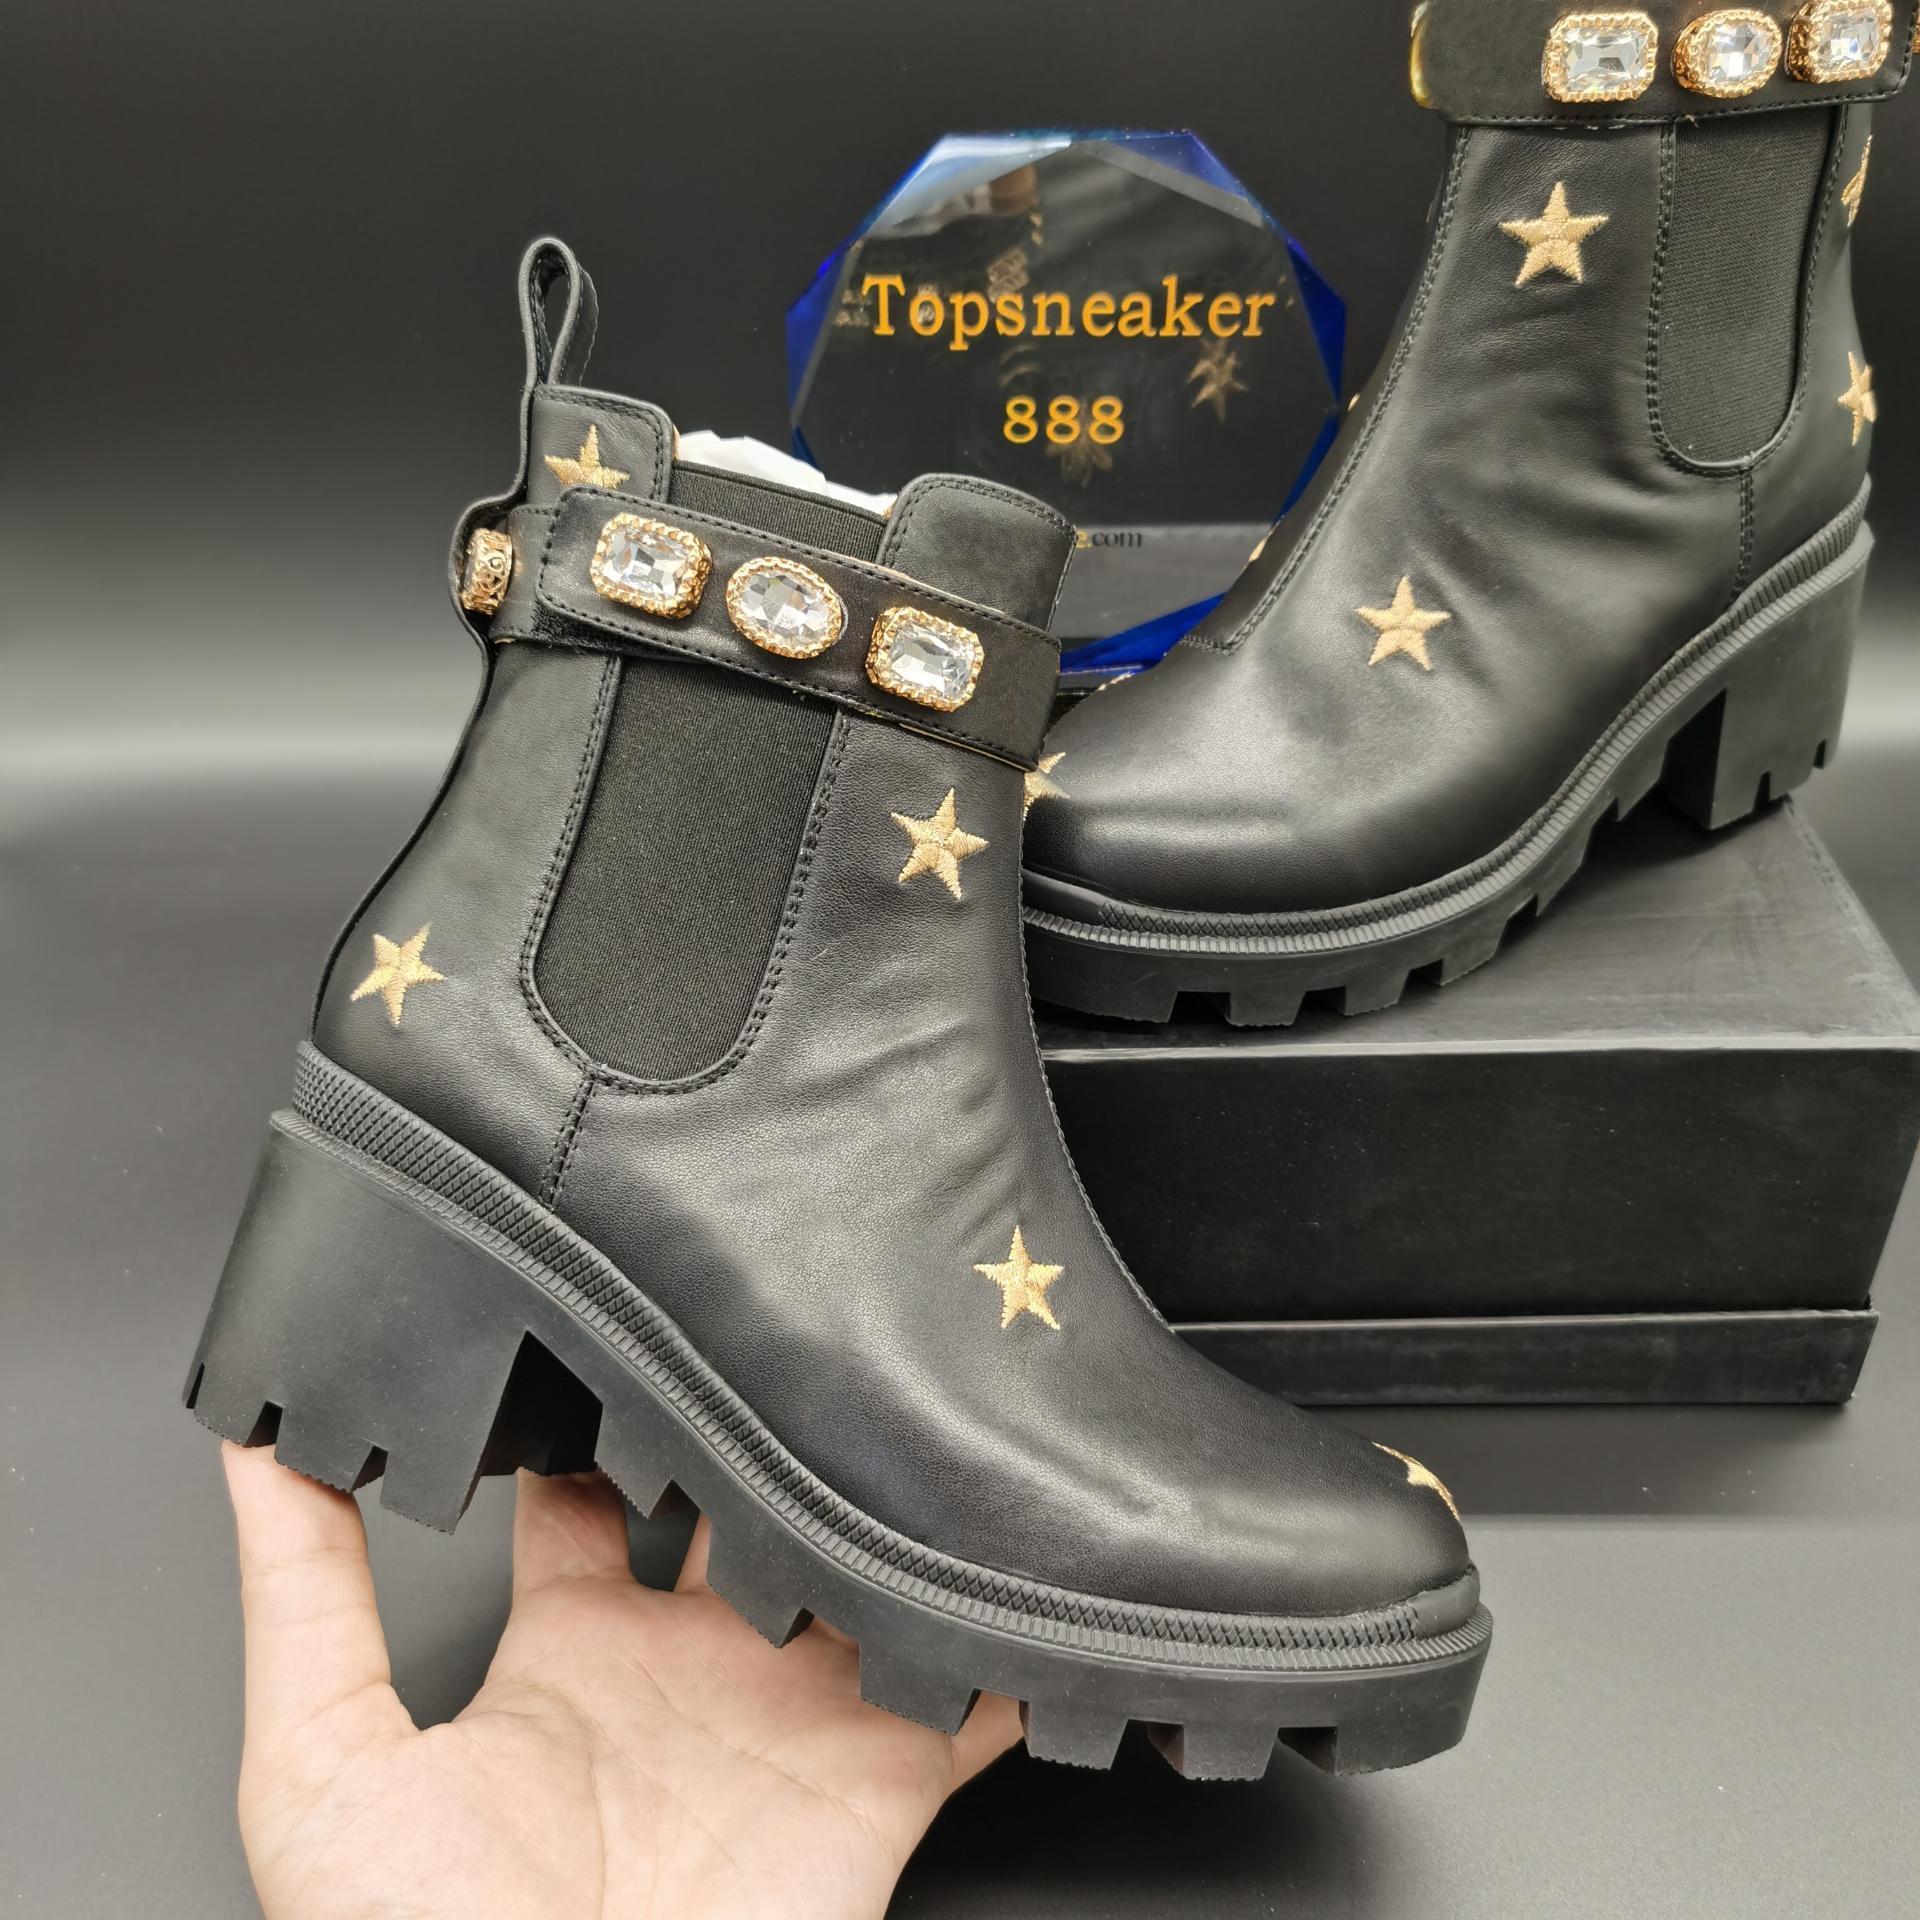 2021 최고 품질의 마틴 피팅 여성 부츠 Laureate Love Womens 블랙 리얼 가죽 메달 거친 비 슬립 겨울 신발 크기 US5-11